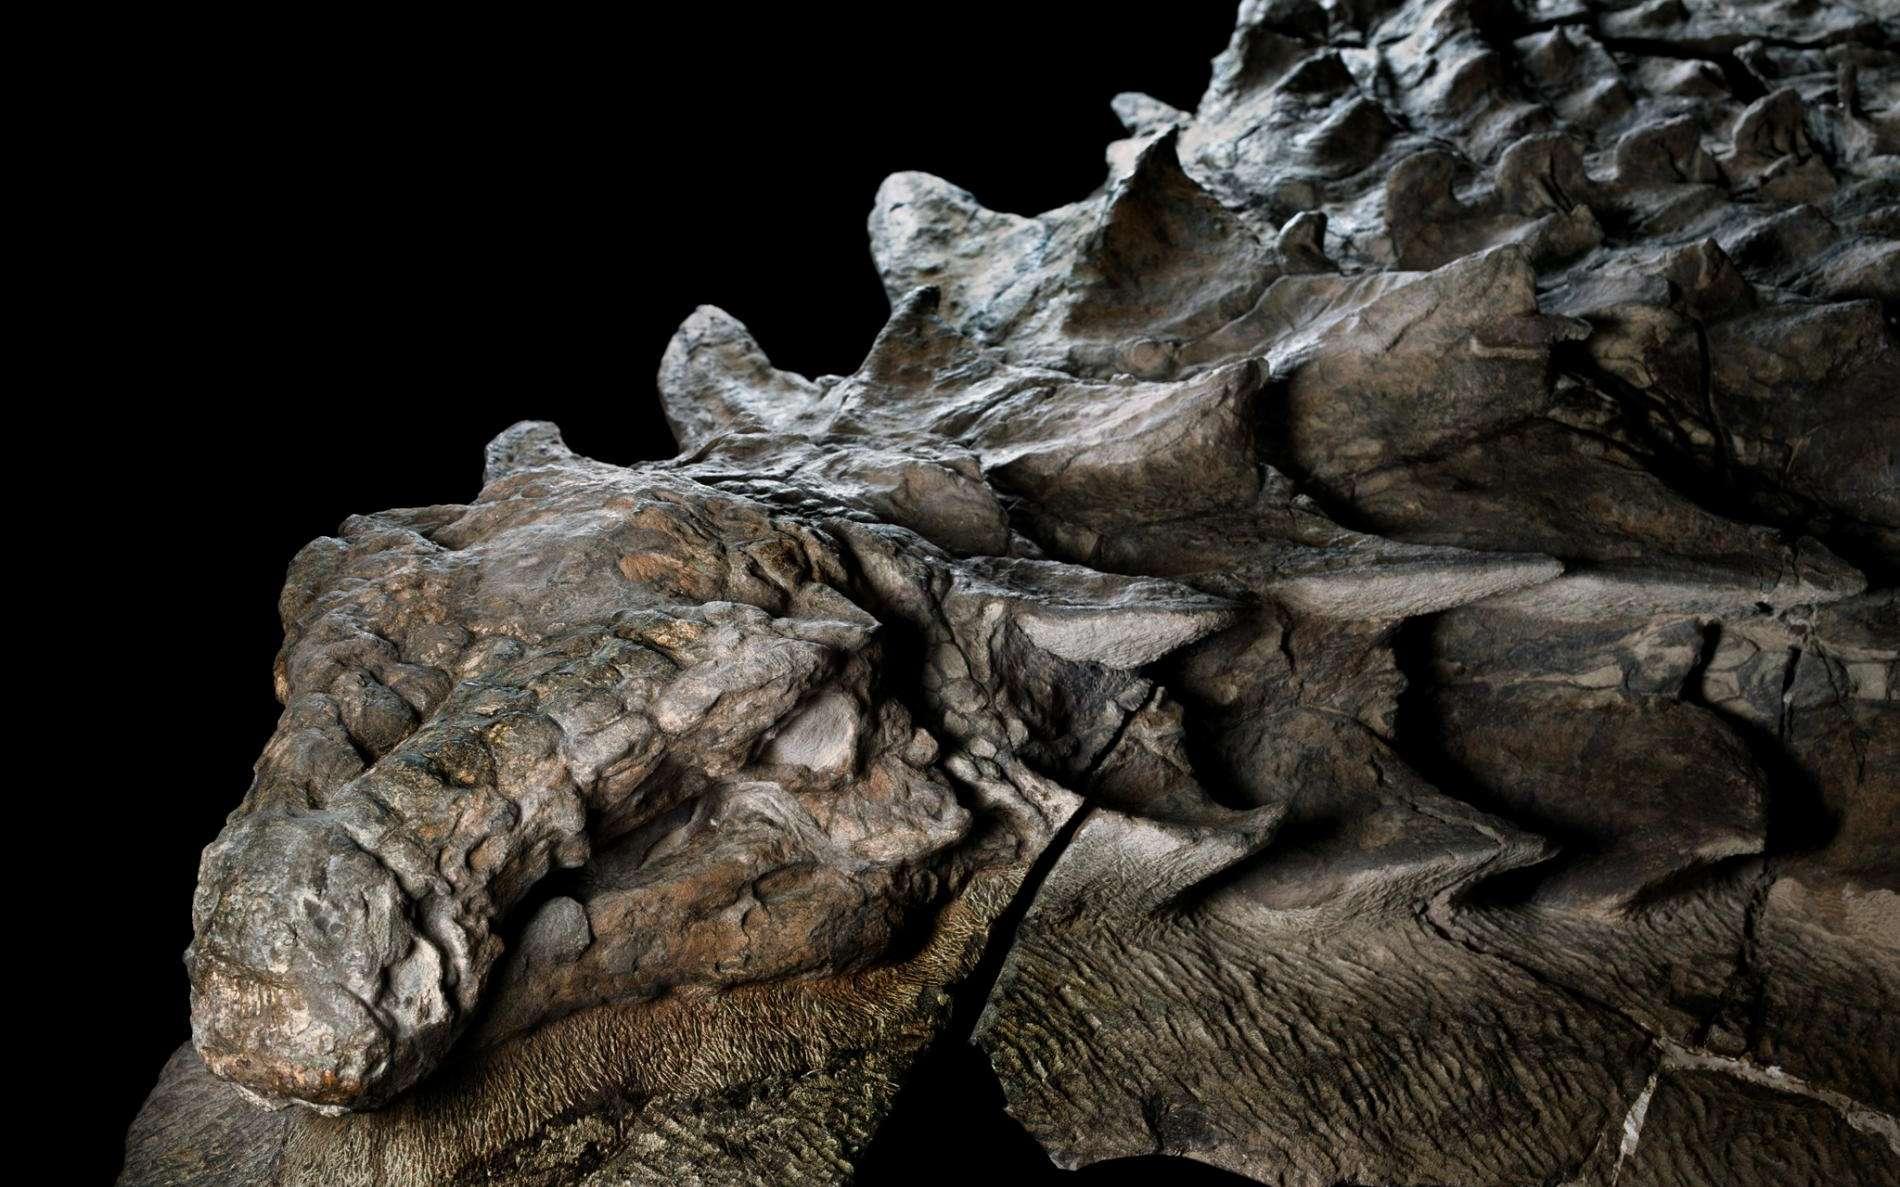 Page enfant : Un nodosaure en excellent état de conservation exposé au Canada